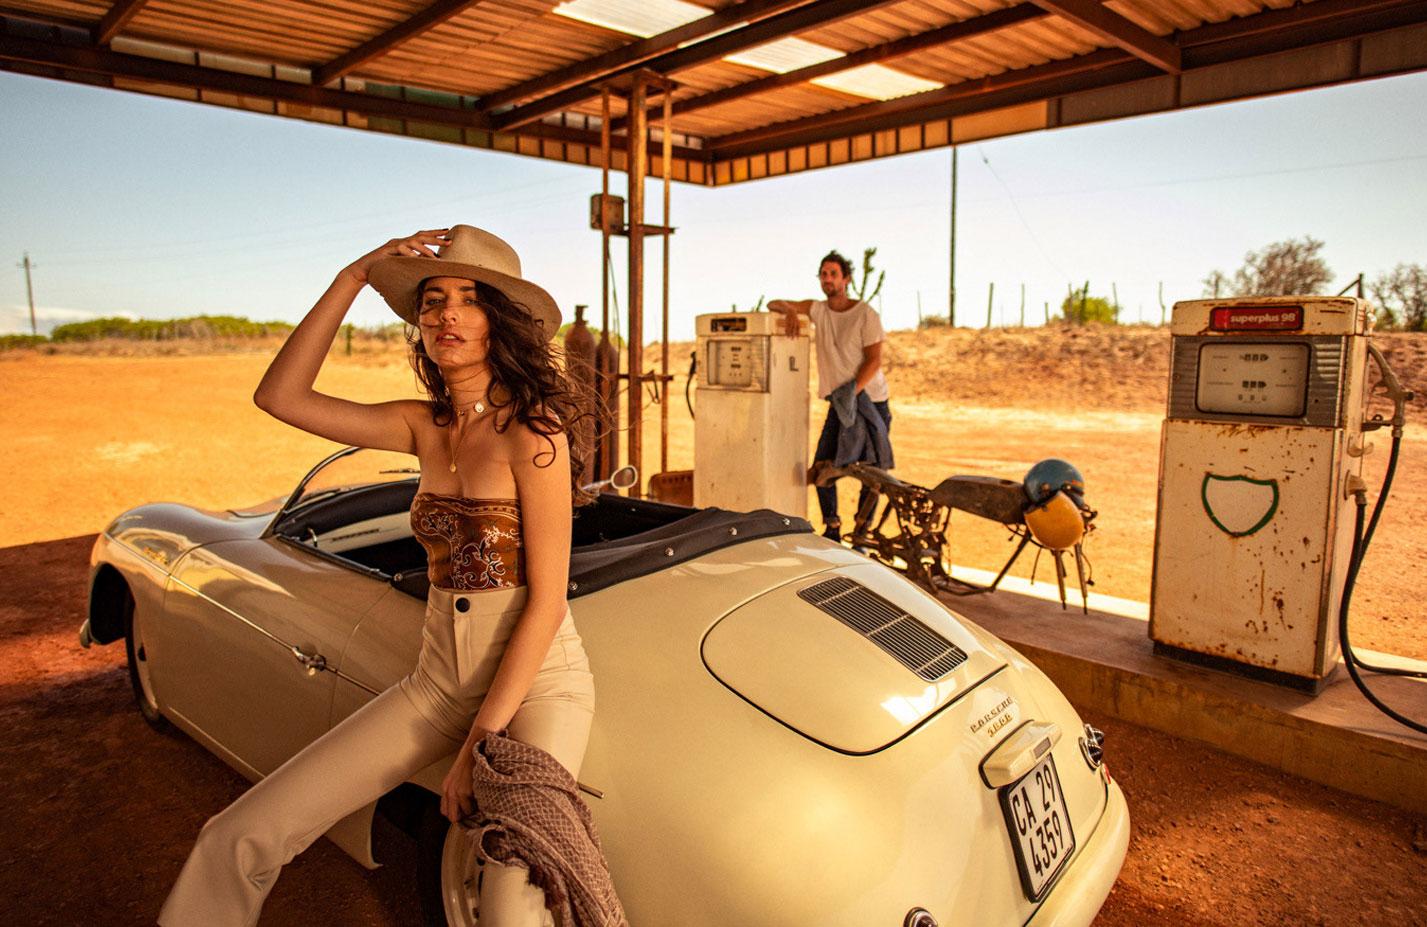 Кристина Милева со спутником на автозаправке в южно-африканском захолустье / фото 05